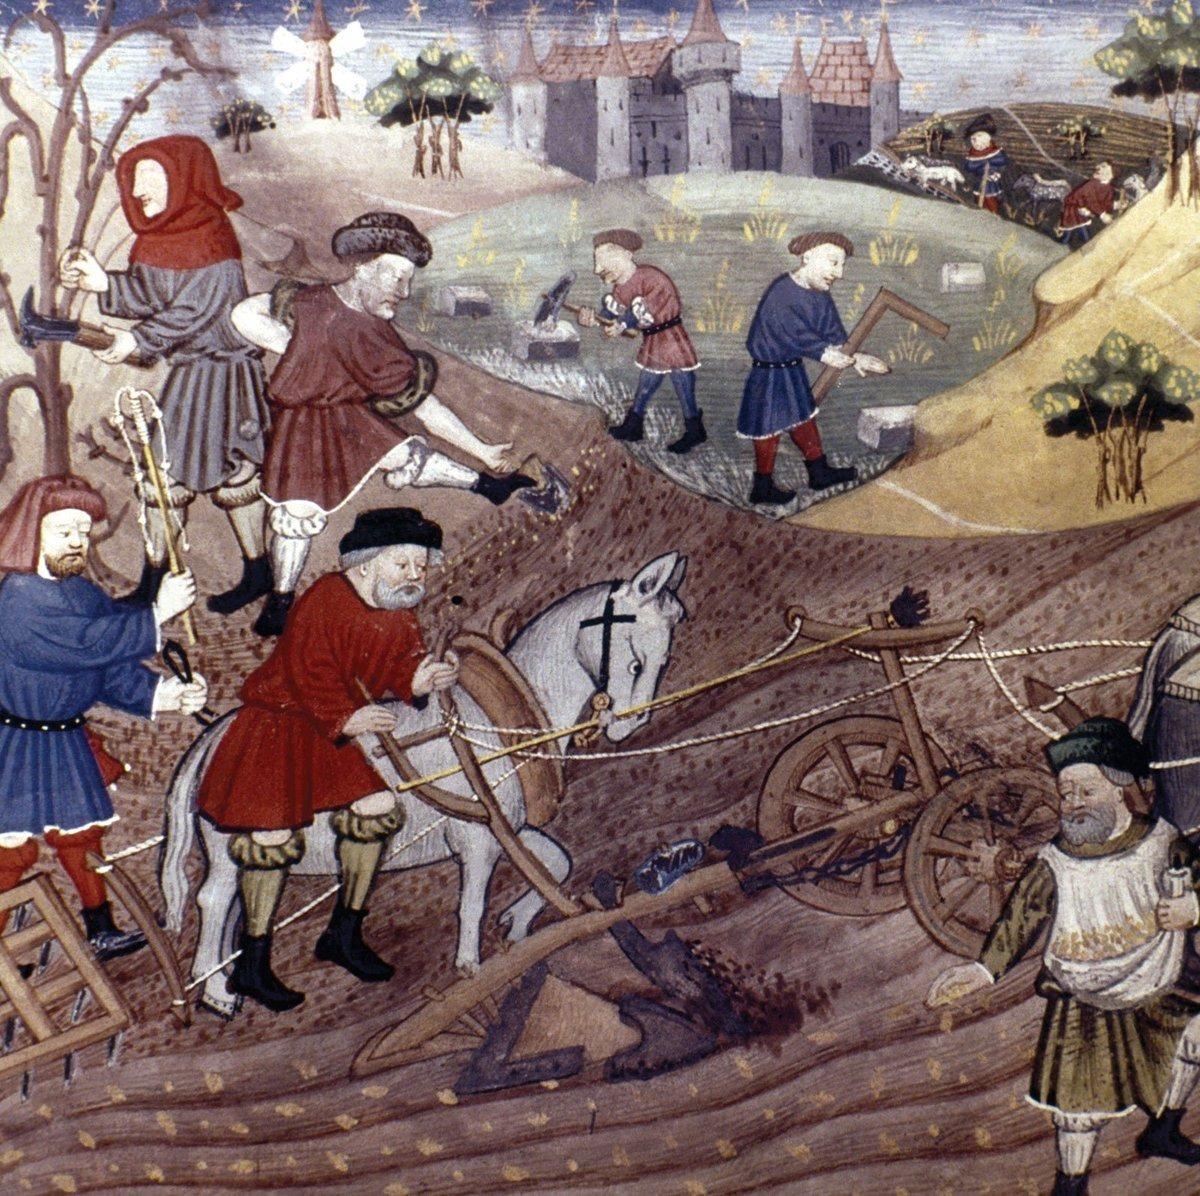 картинки крестьян средневековья гаджиев провел